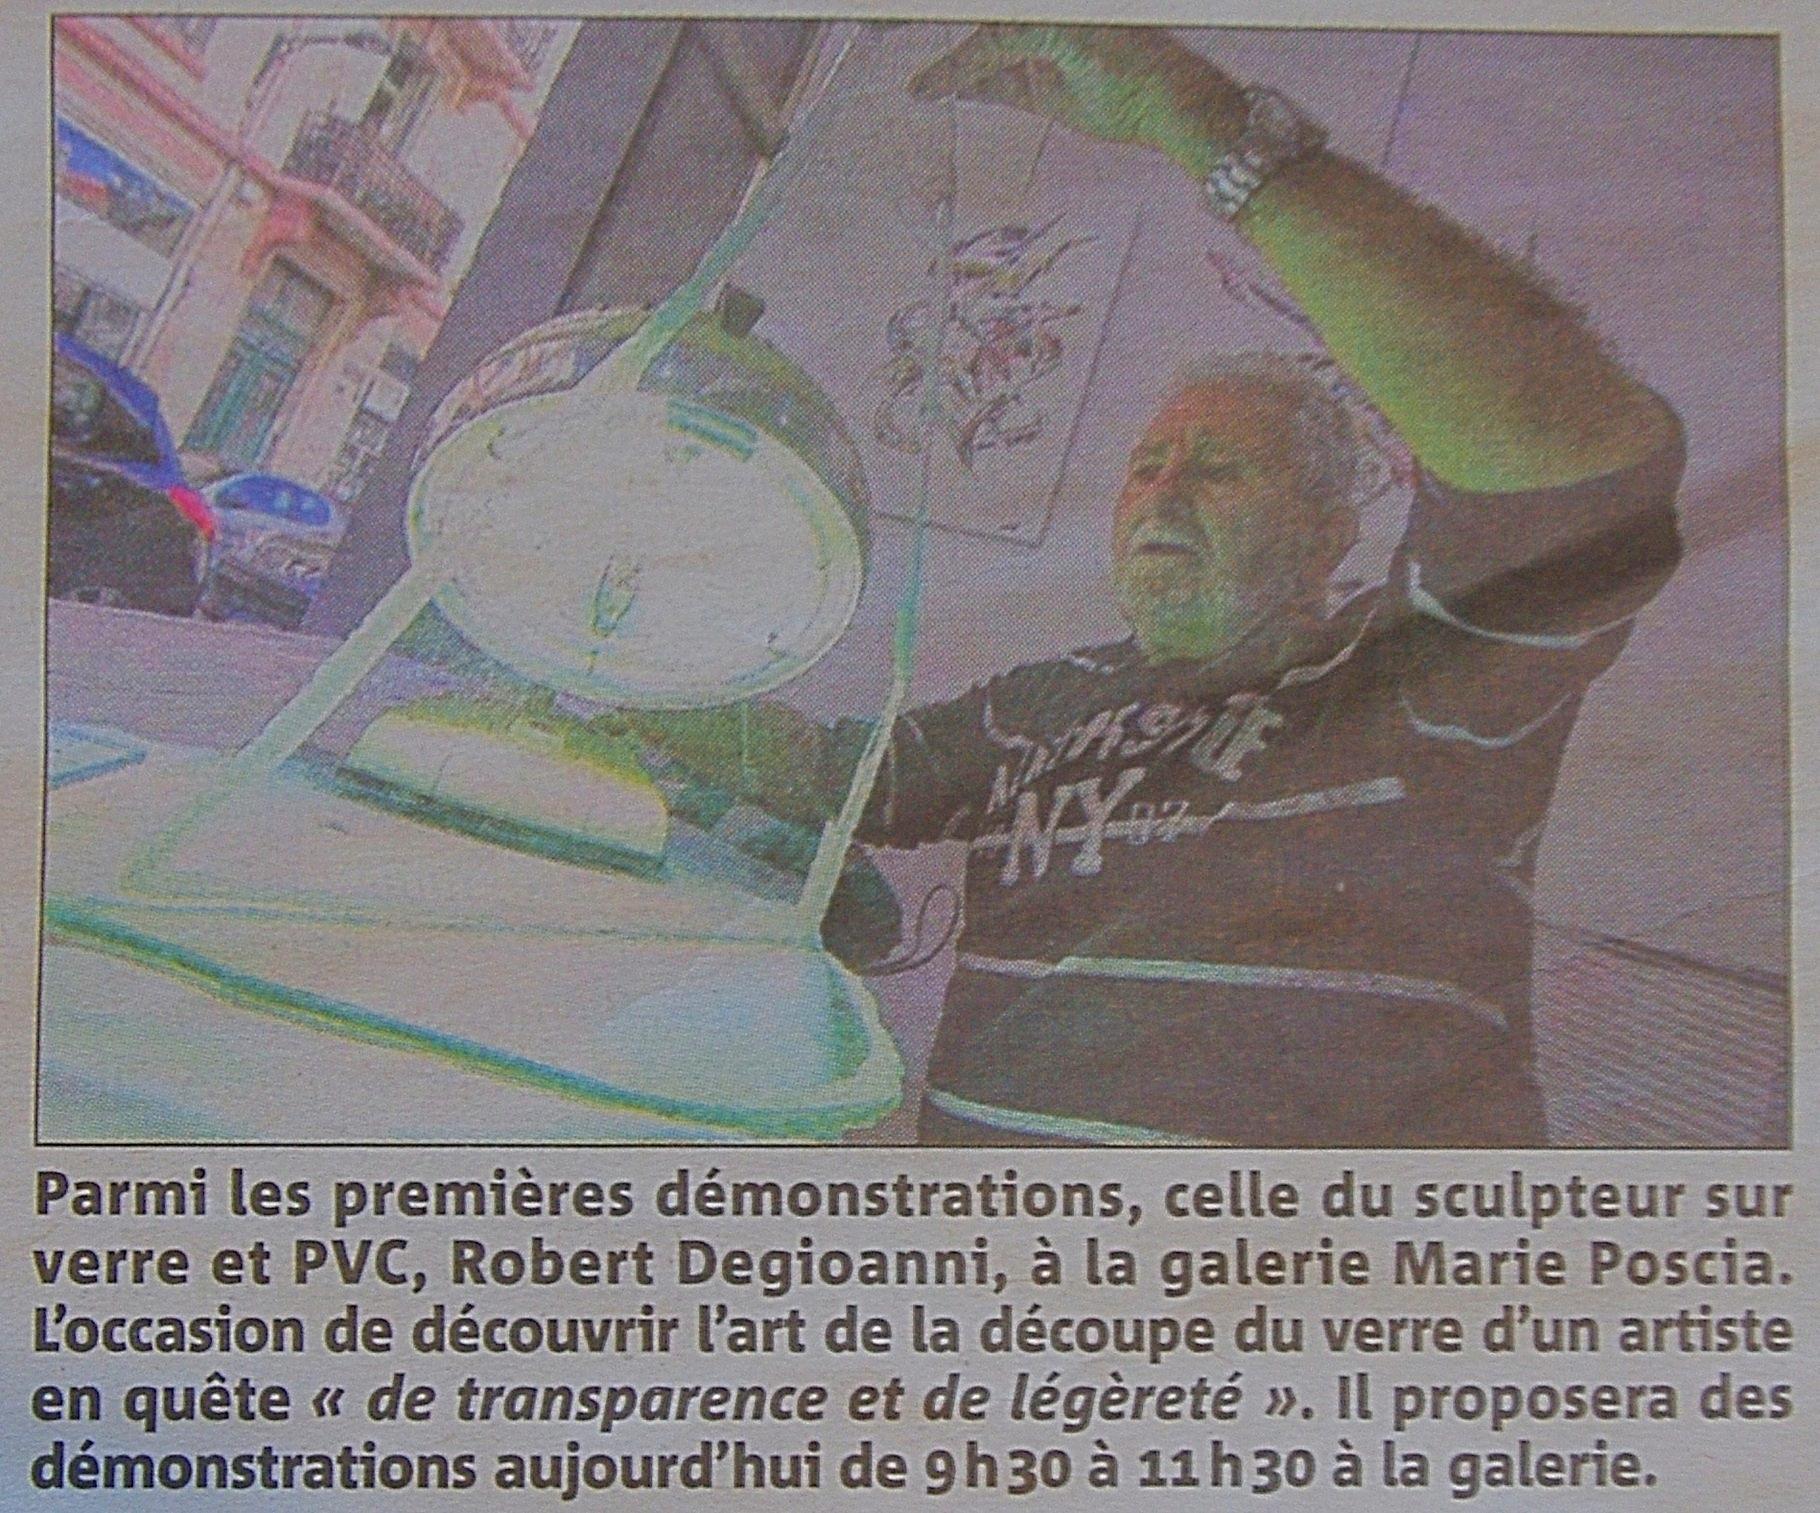 Journées européenne d'art, Art en ville, démonstration de Robert Degioanni: Var matin du 28 Mars 2015